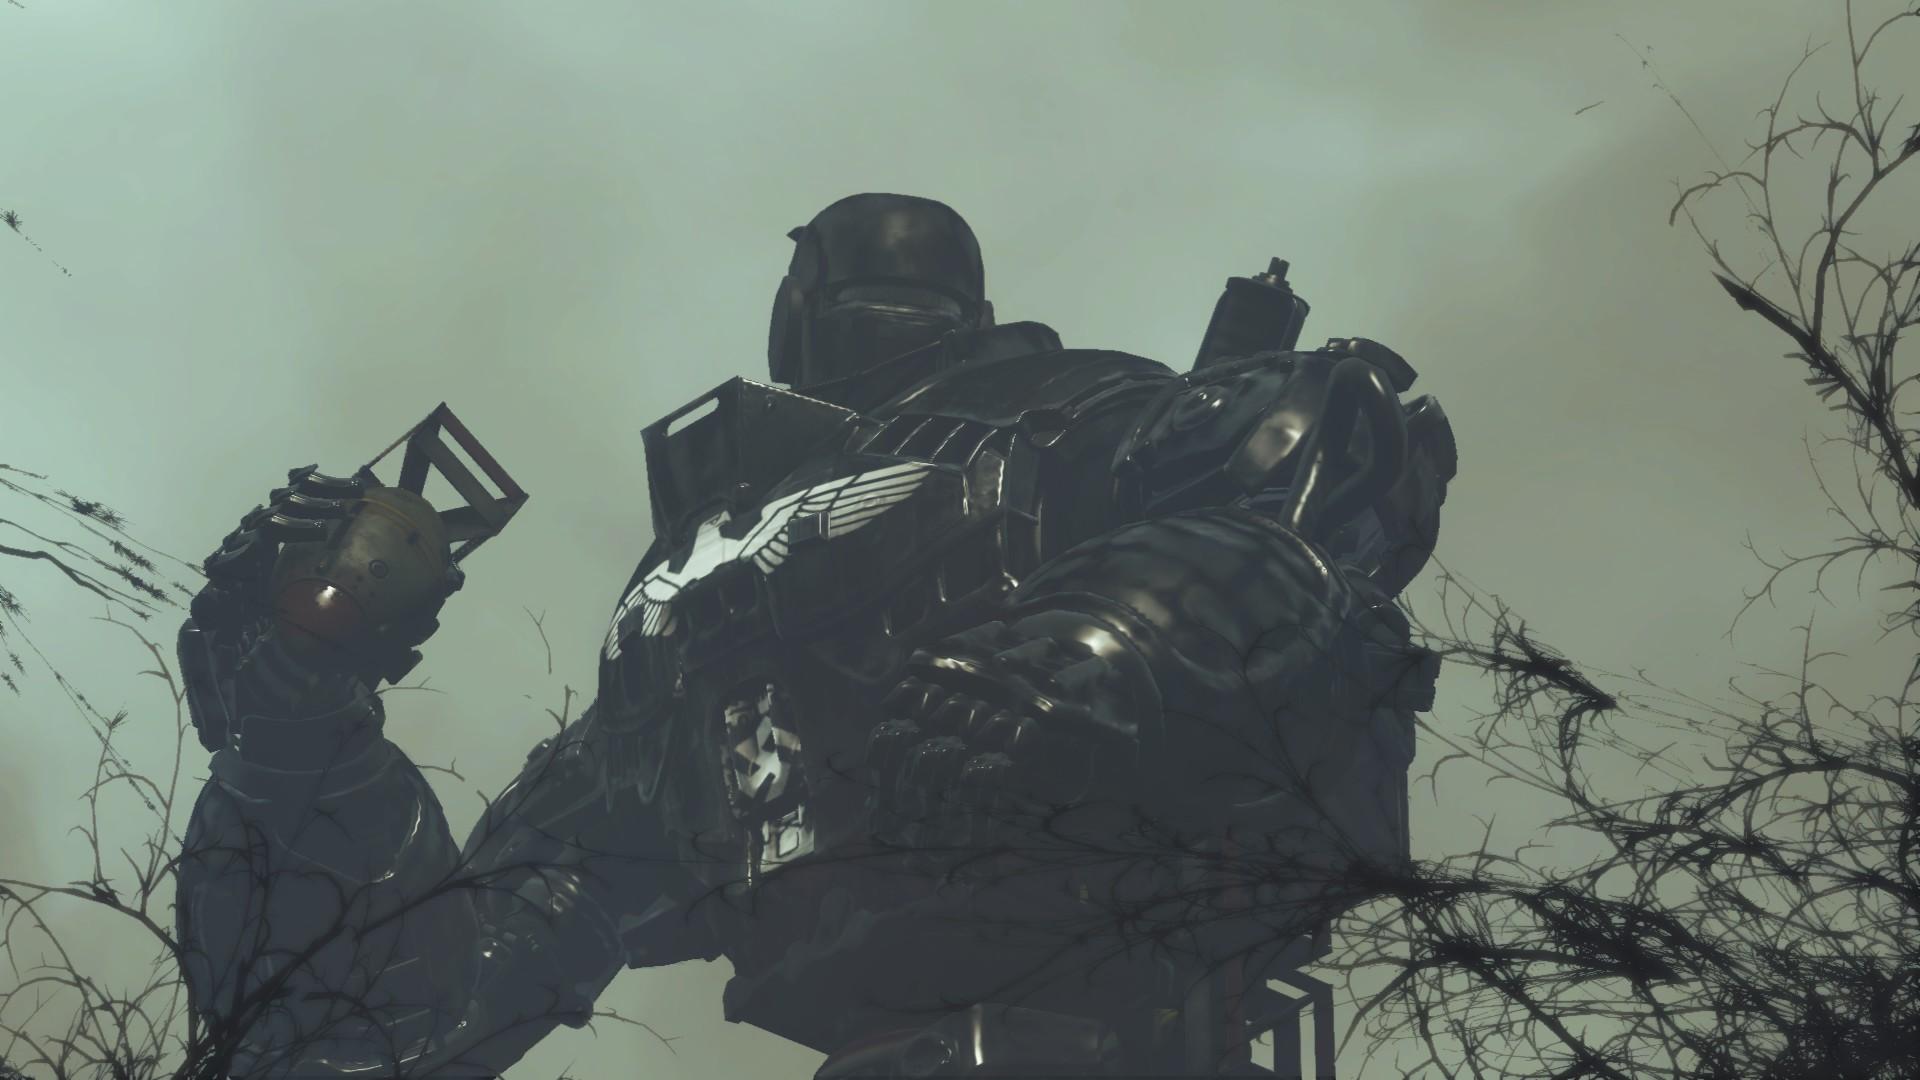 Fallout 4 nazi mod ps4